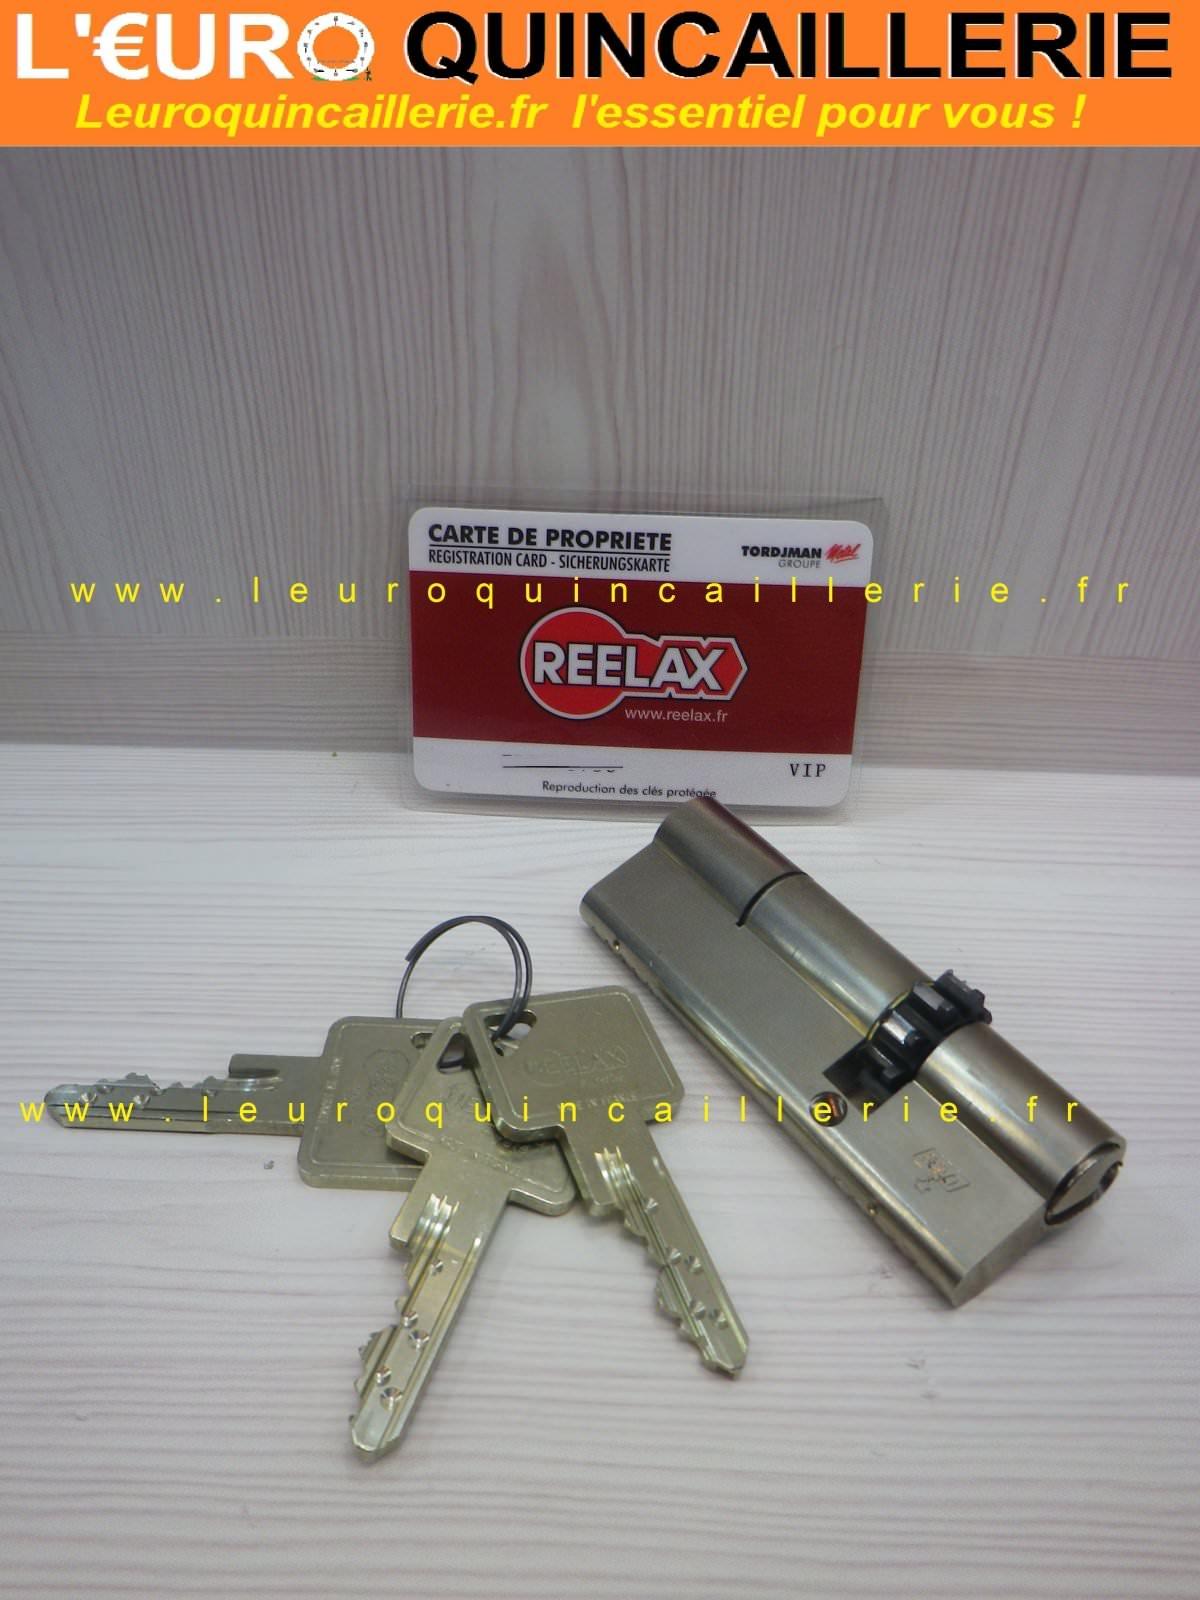 Cylindre roue dentée européen pour serrure Reelax Vachette Vip avec 3 clés brevetées